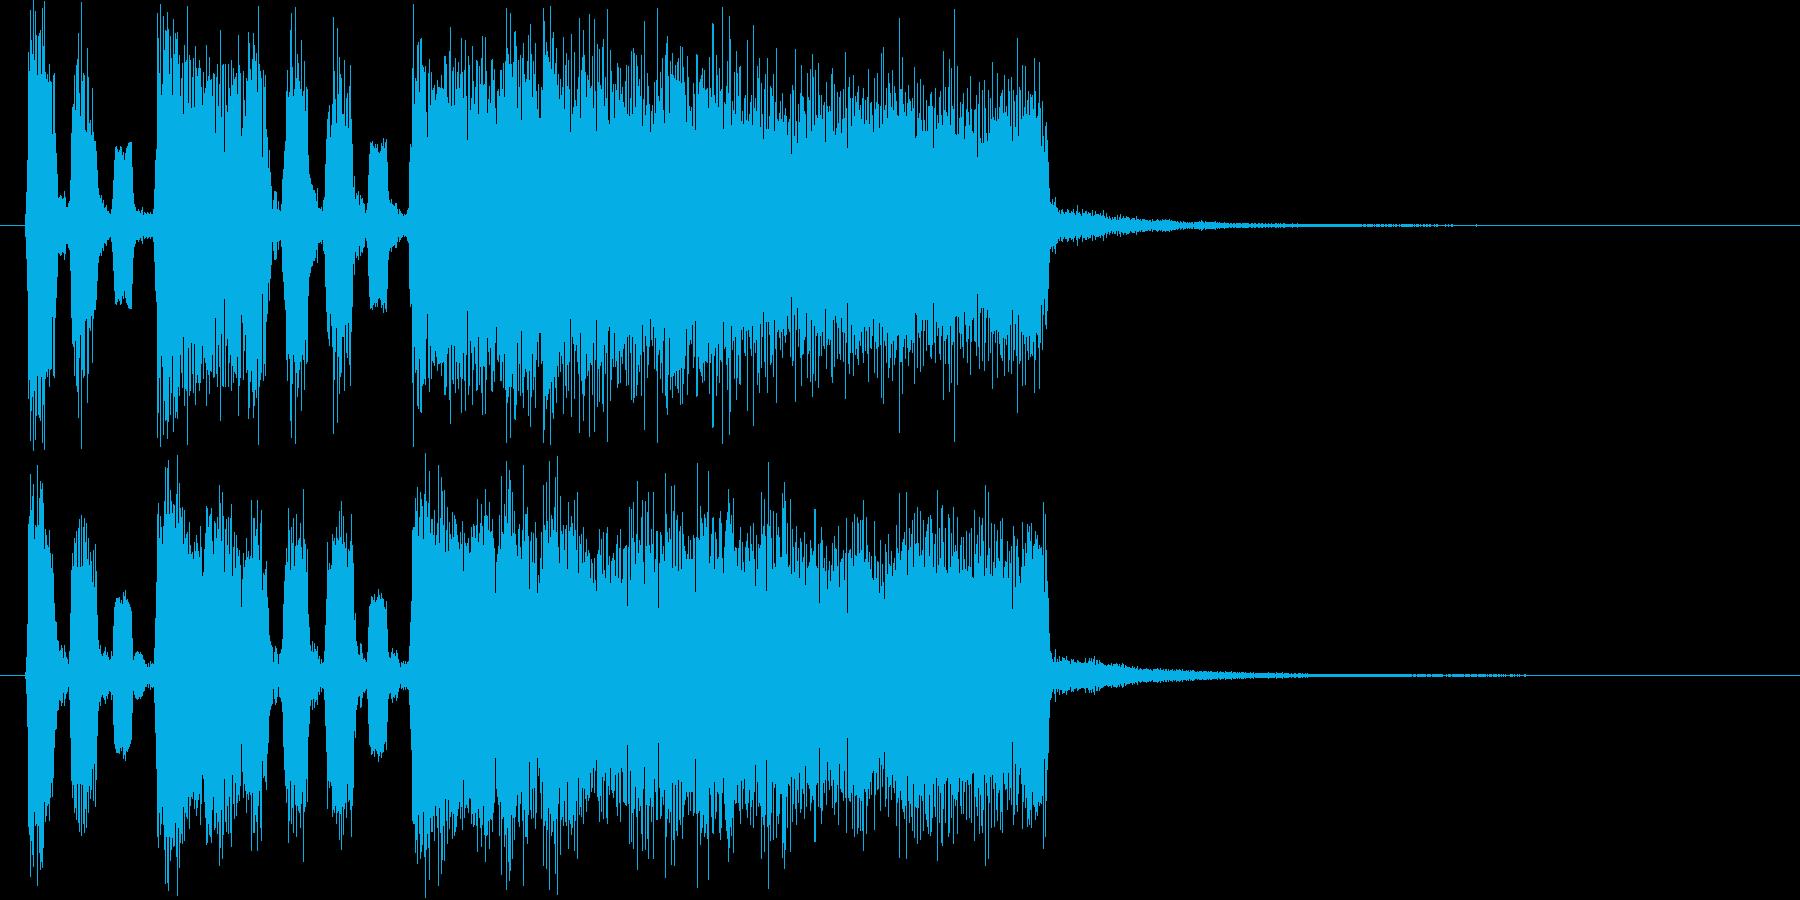 軽快で明るく伸びやかなテクノの再生済みの波形